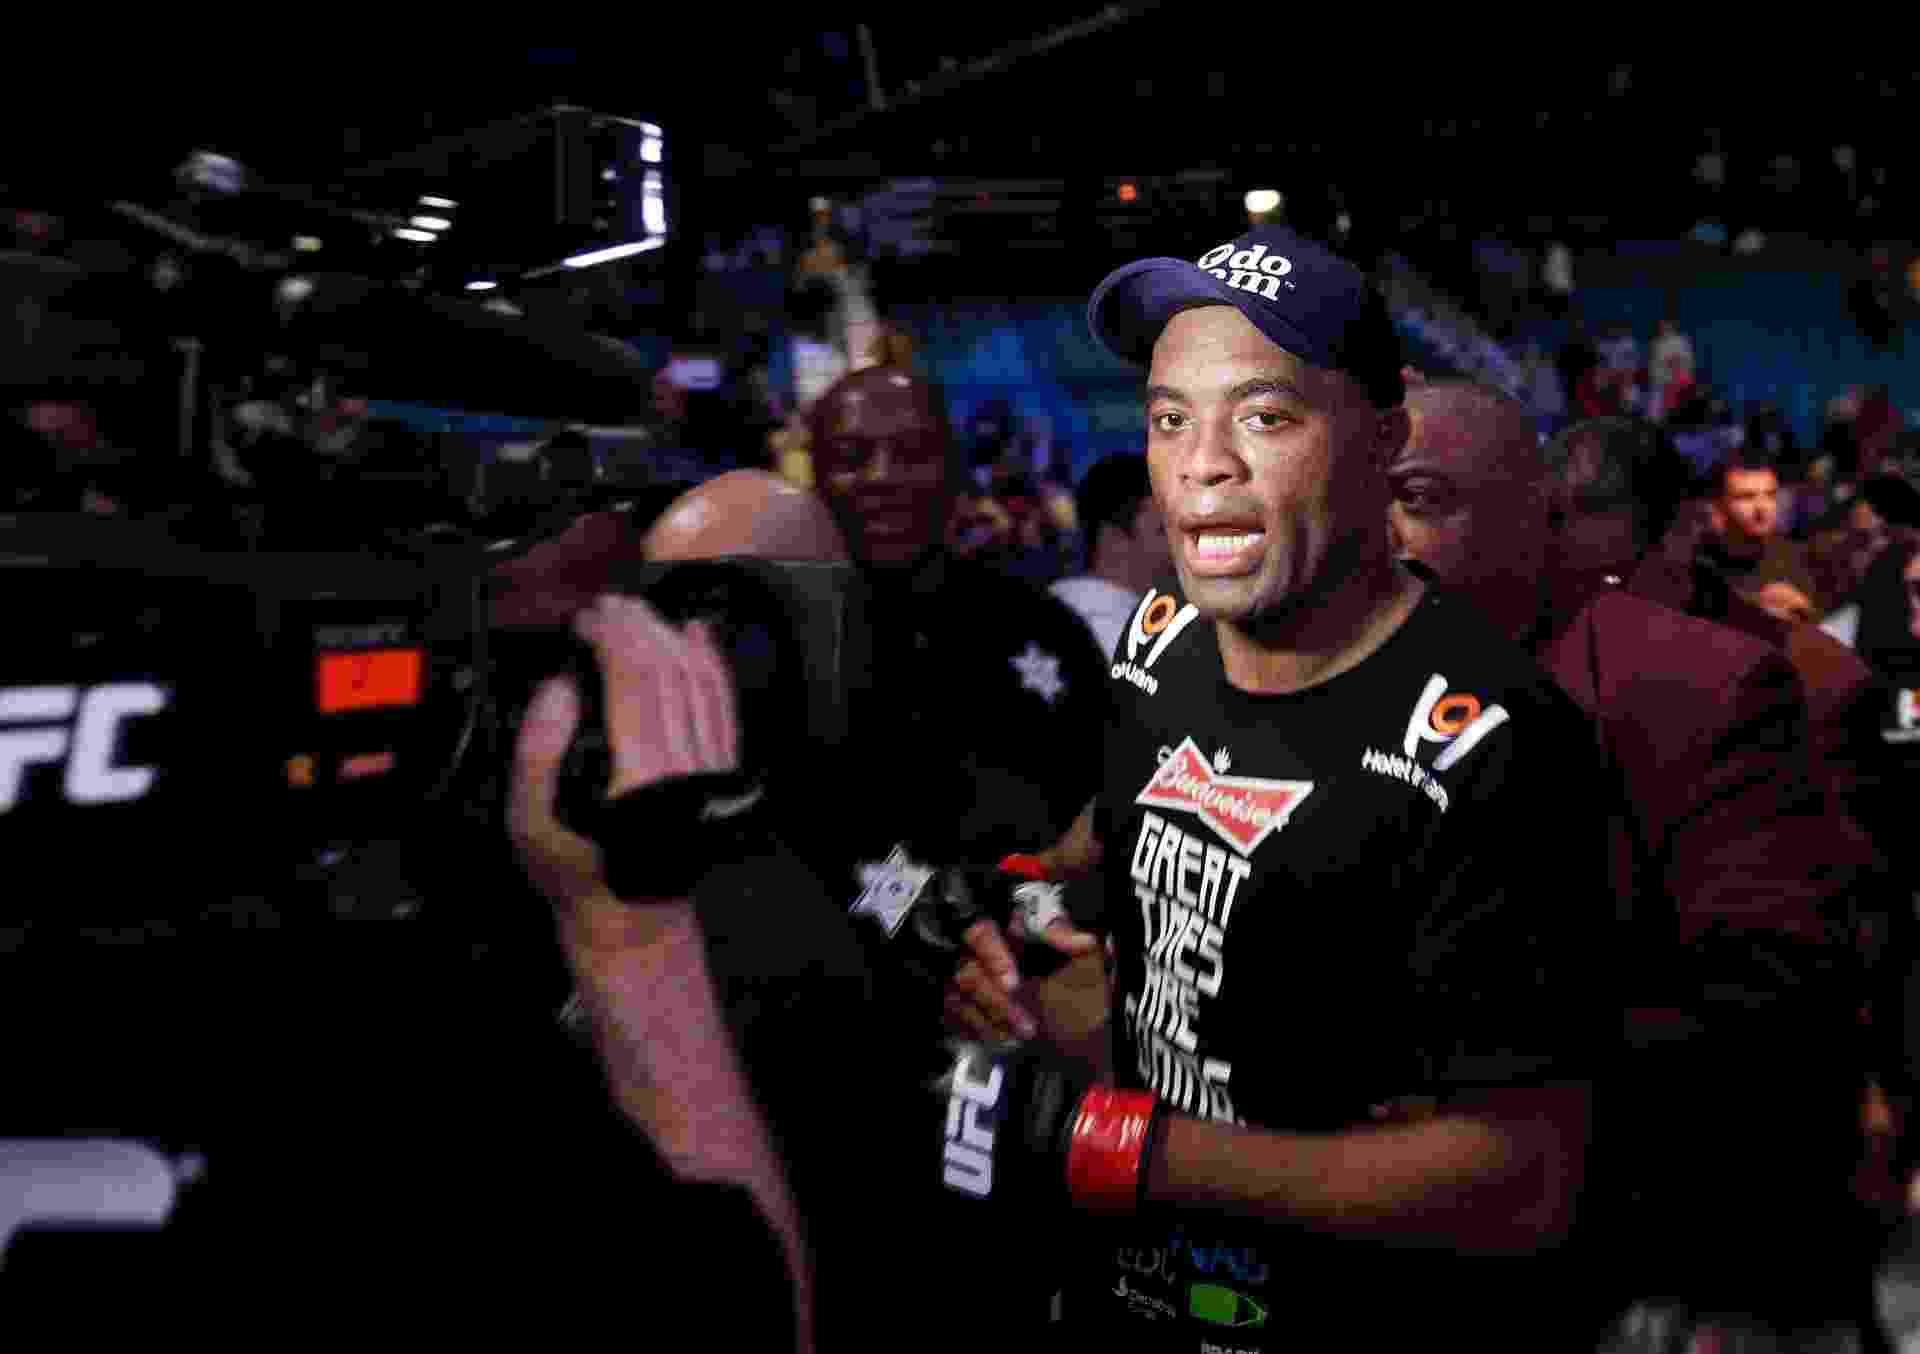 Anderson Silva comemora após vencer Nick Diaz na luta principal do UFC 183 em Las Vegas (EUA) - Steve Marcus/Getty Images/AFP